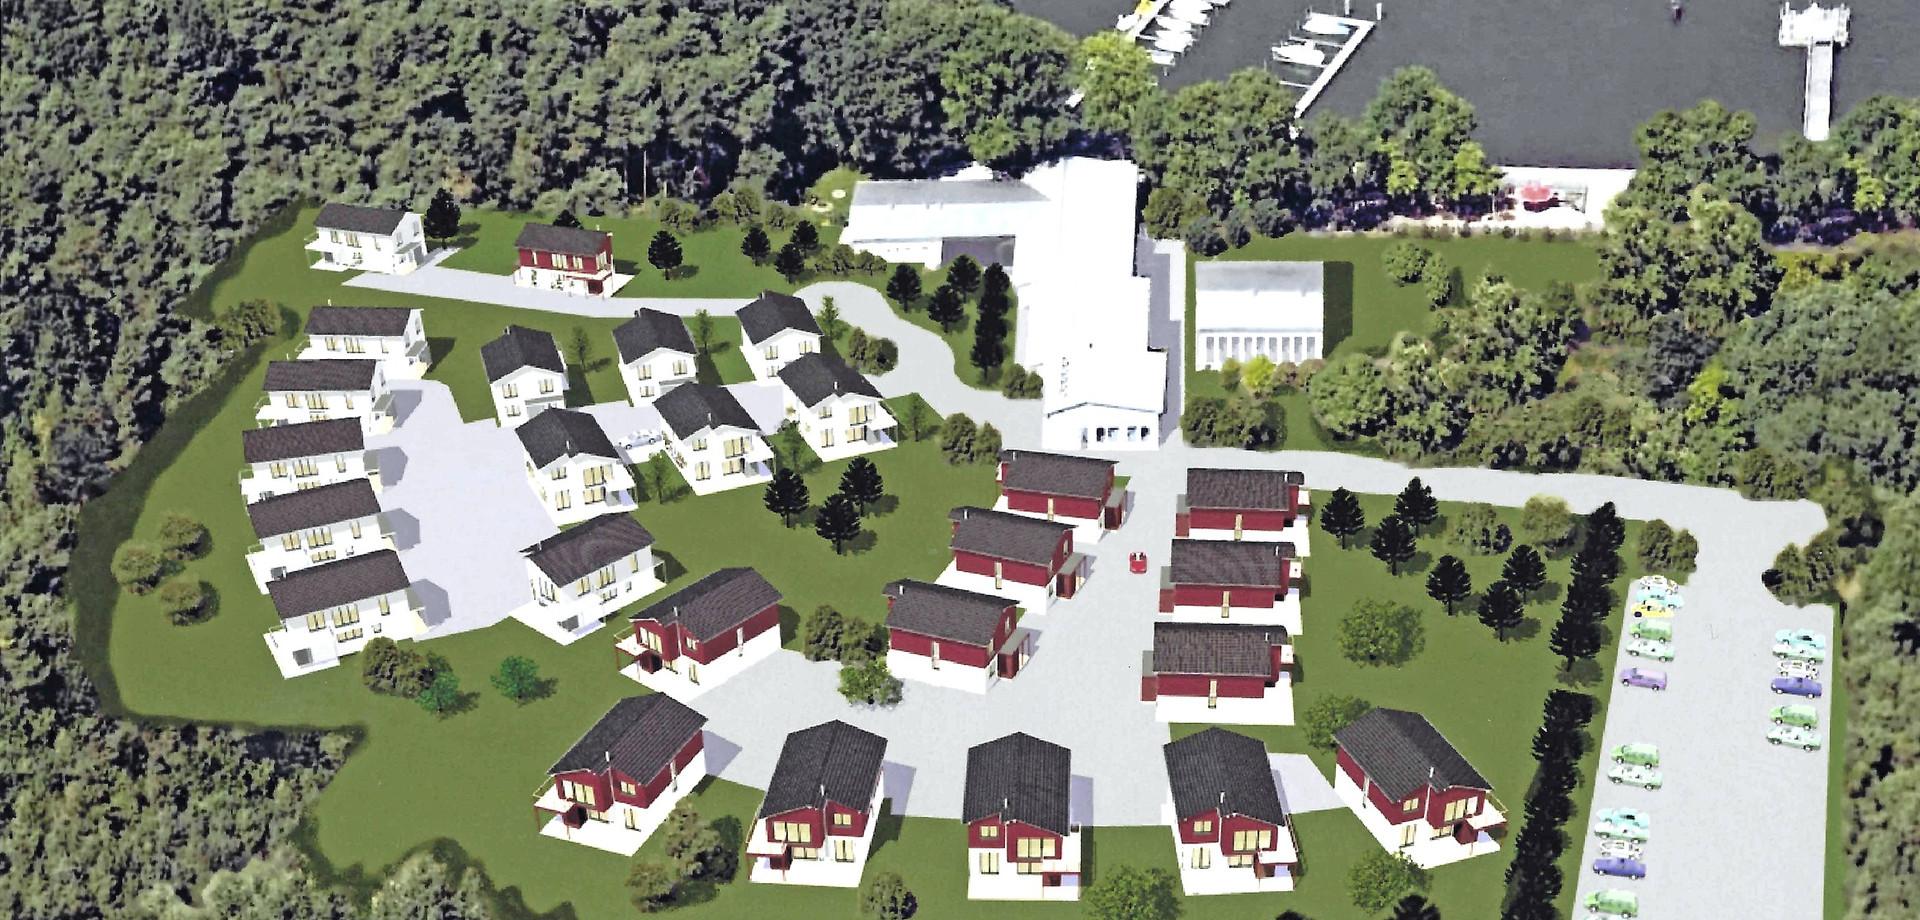 Luftbild Ferienhaus-Anlage